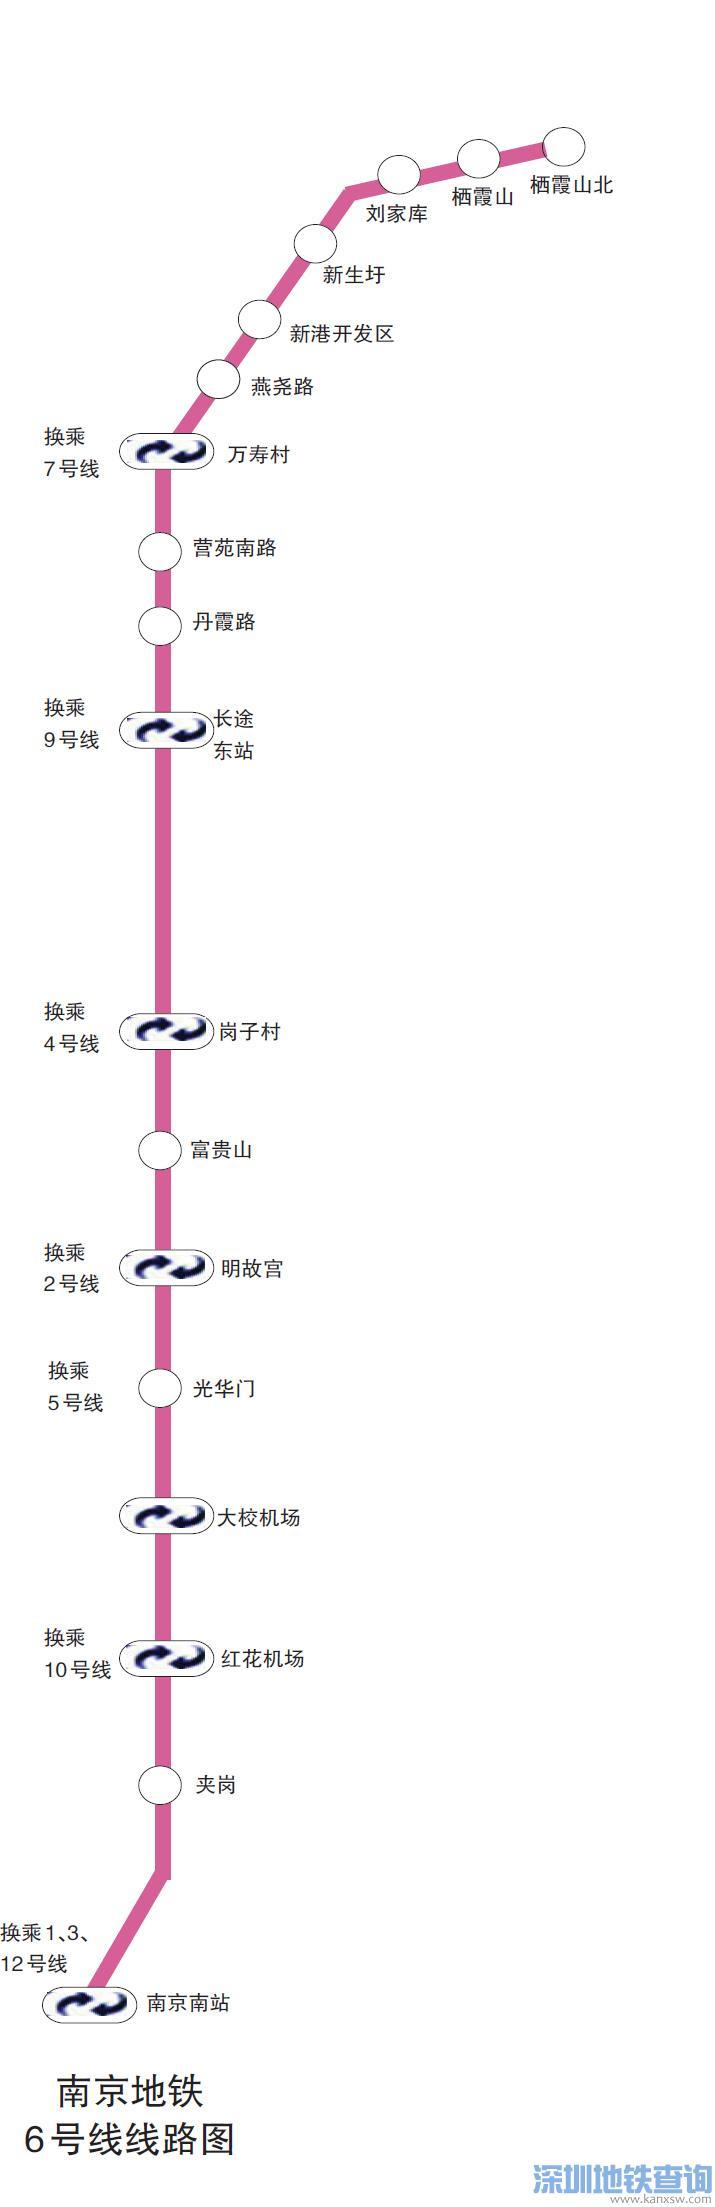 南京宁溧城际未来将与地铁机场线贯通运营 2018年上半年开通